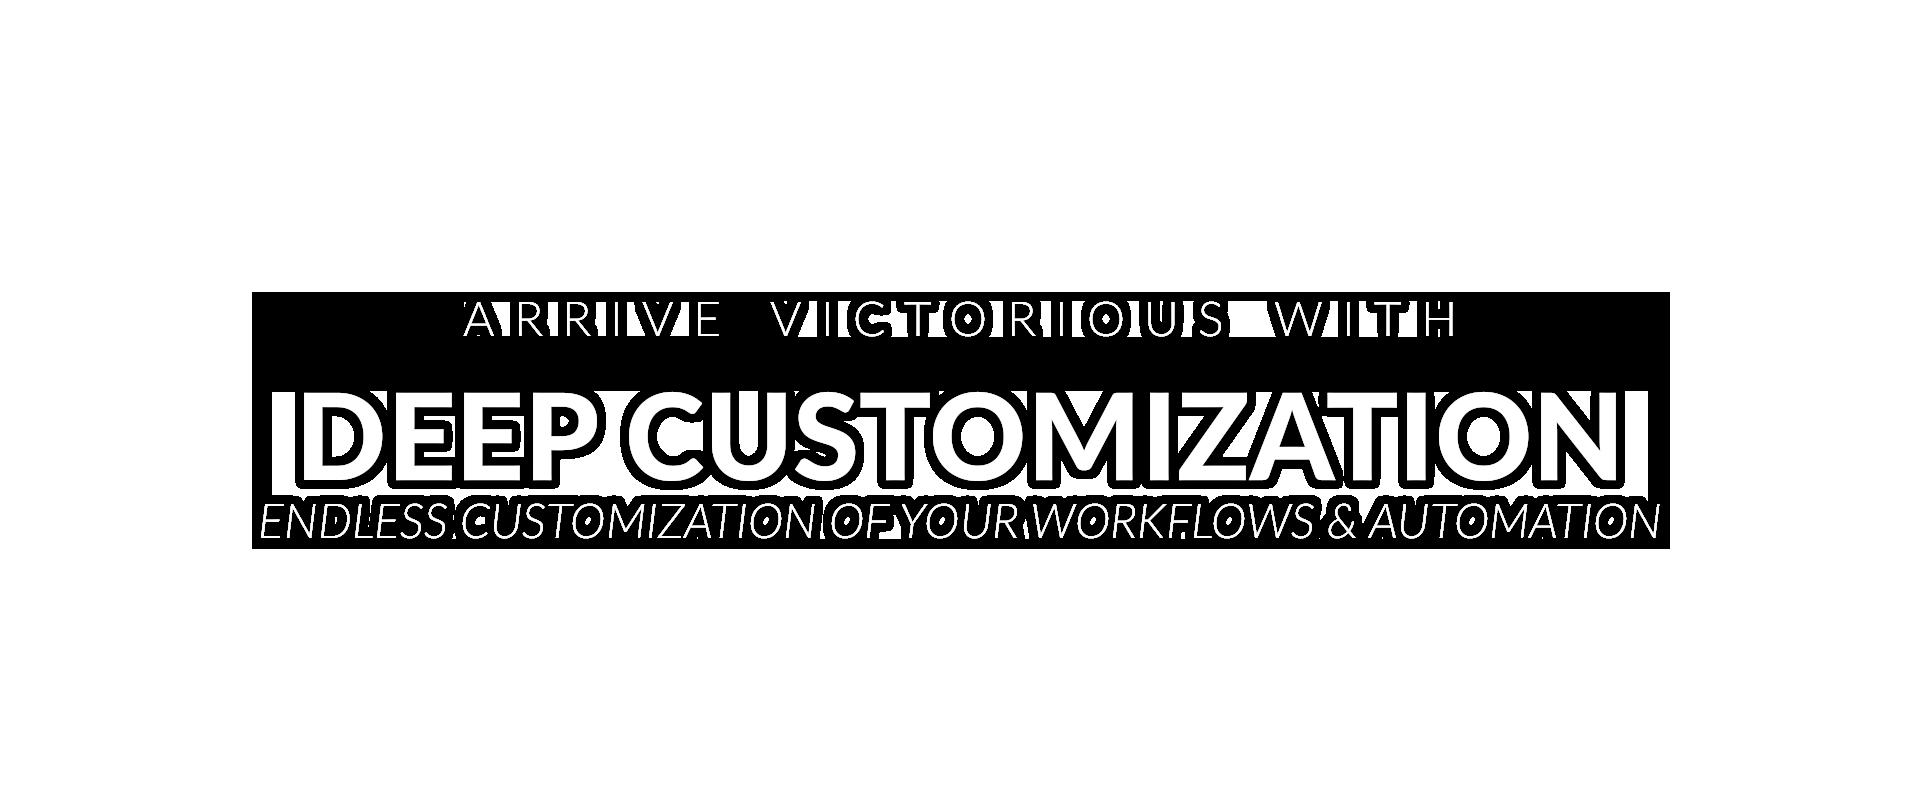 Deep Customization